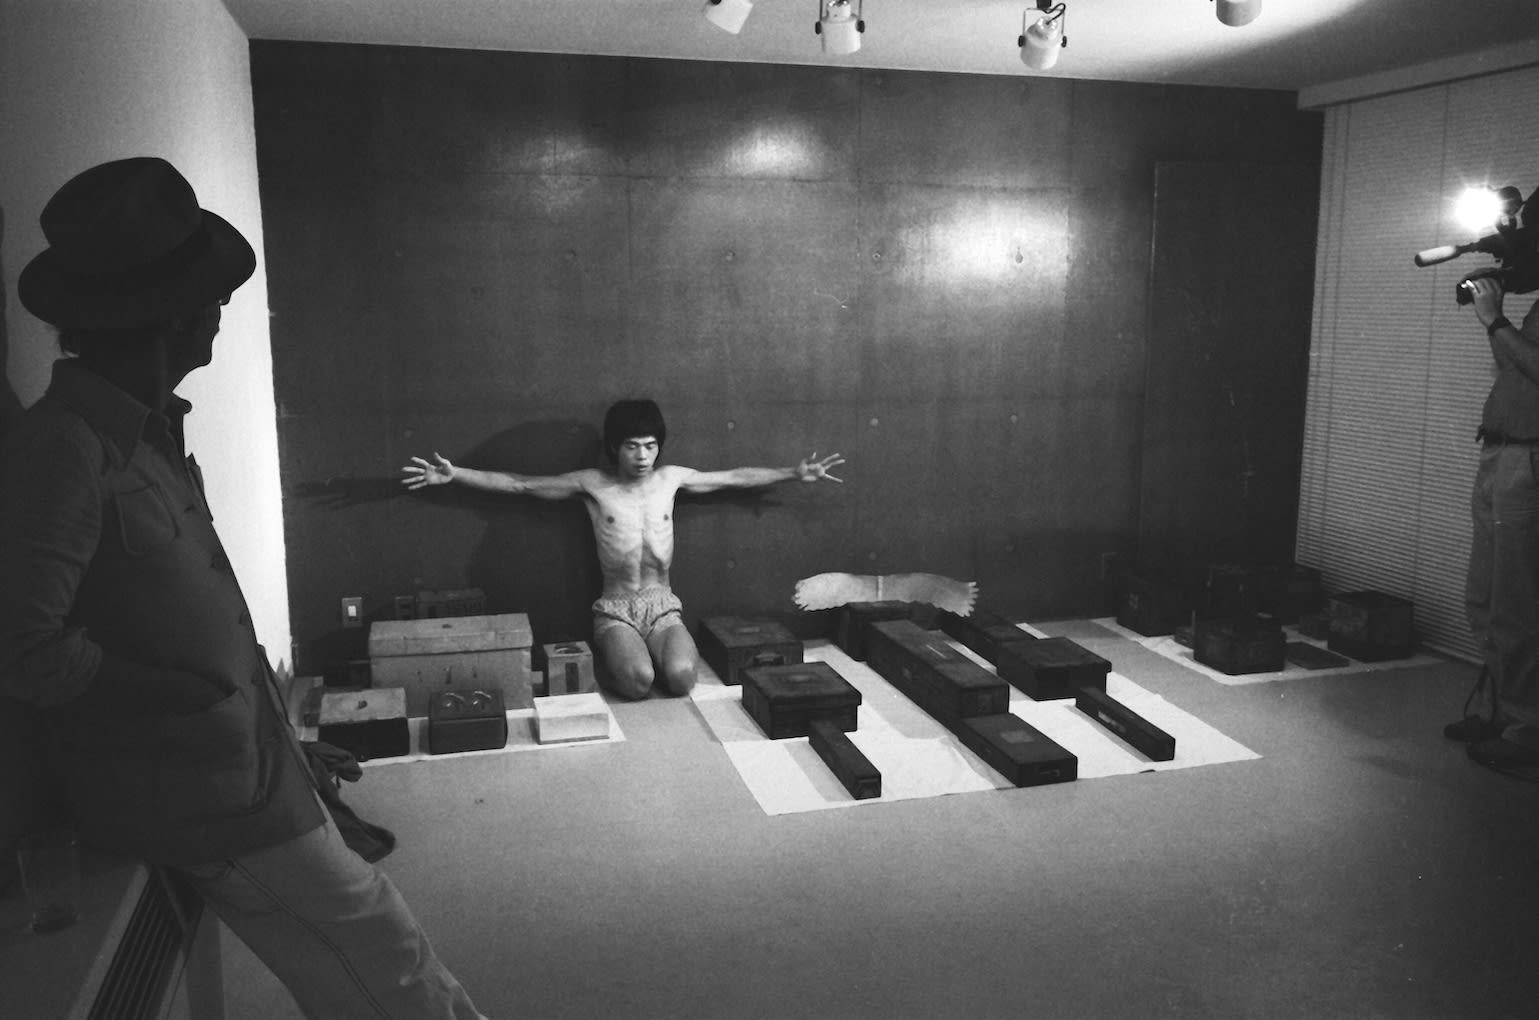 Mitsutoshi Hanaga, Matsuzawa Yutaka's Sculpture with Performance, n.d.